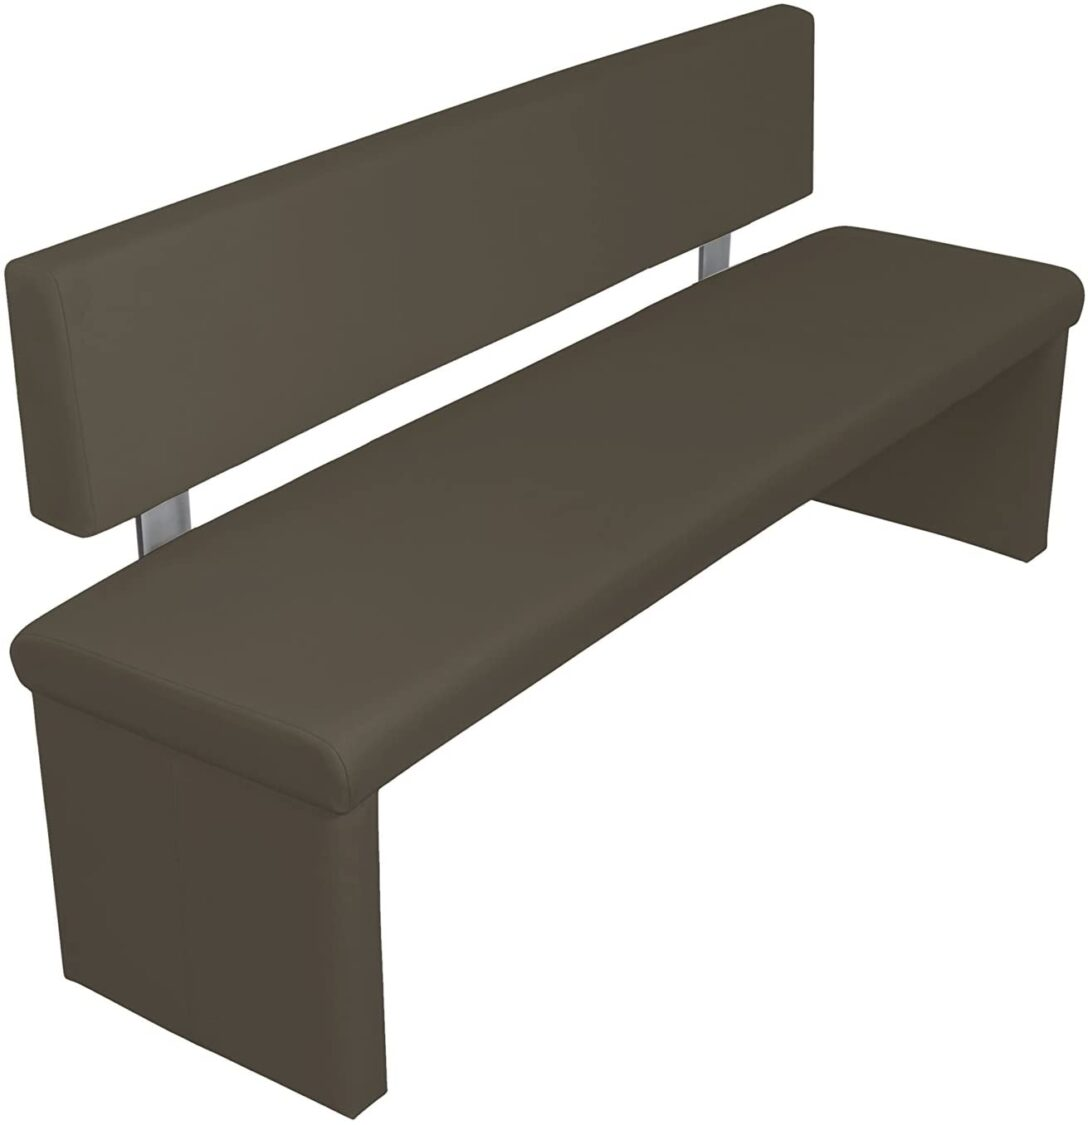 Large Size of Küche Kaufen Ikea Betten 160x200 Sofa Mit Schlaffunktion Modulküche Miniküche Bei Kosten Wohnzimmer Ikea Küchenbank